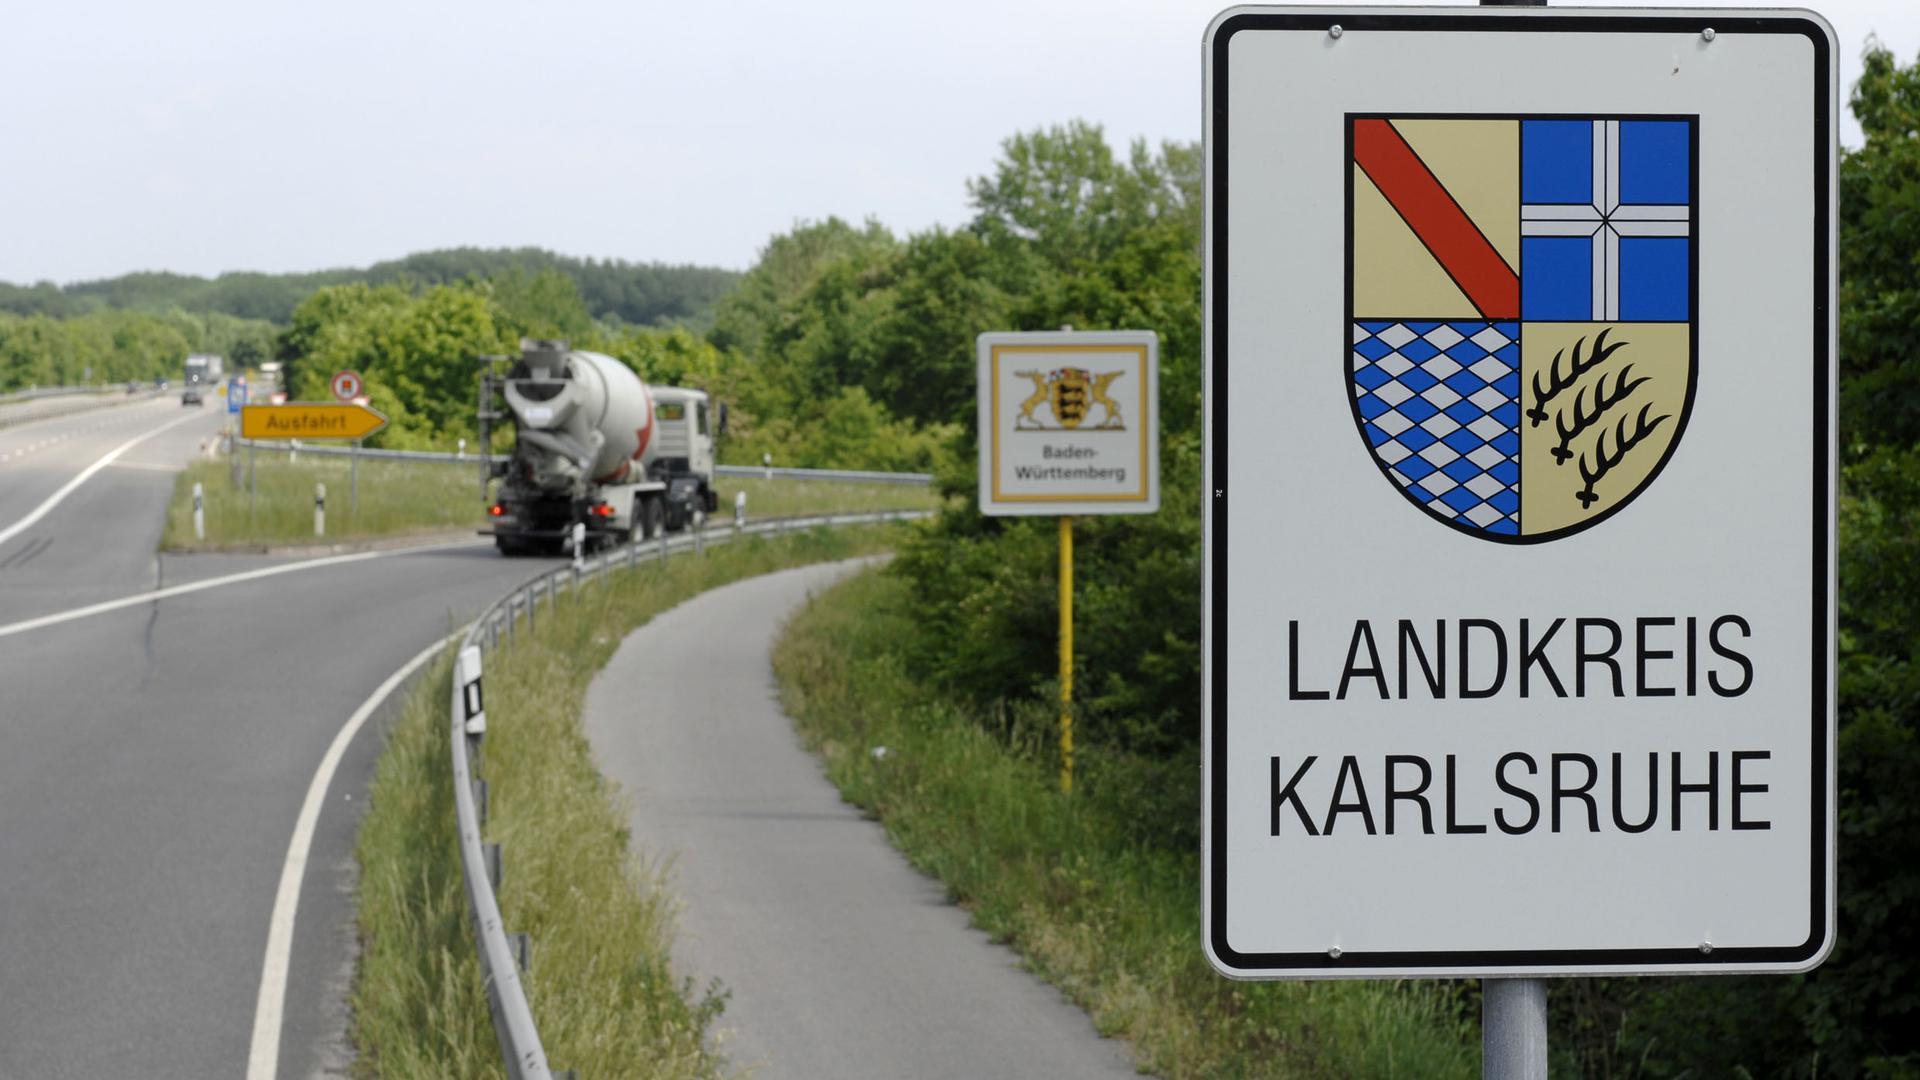 Repräsentant vor Ort und Vermittler zum Land: Im Landkreis Karlsruhe leben rund 445.000 Menschen in 32 Kommunen, die sich dort zusammenschließen. An der Spitze der Verwaltung steht der Landrat mit derzeit rund 2.000 Mitarbeitern.